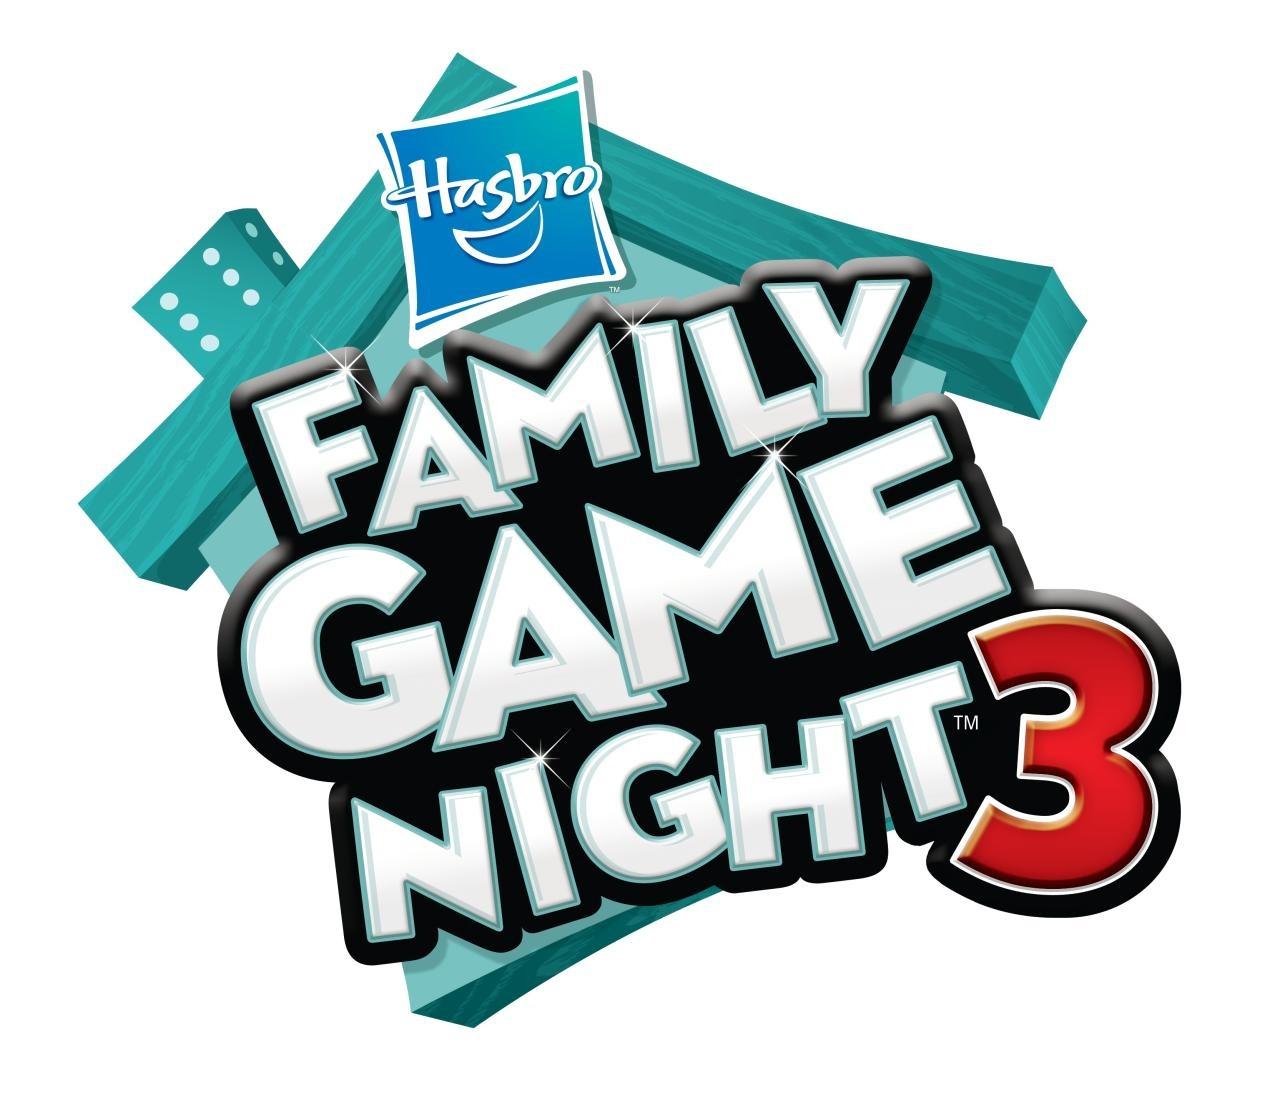 Hasbro : Ce Soir On Joue En Famille 3 - Jeu Xbox 360 concernant Ce Soir On Joue En Famille 3